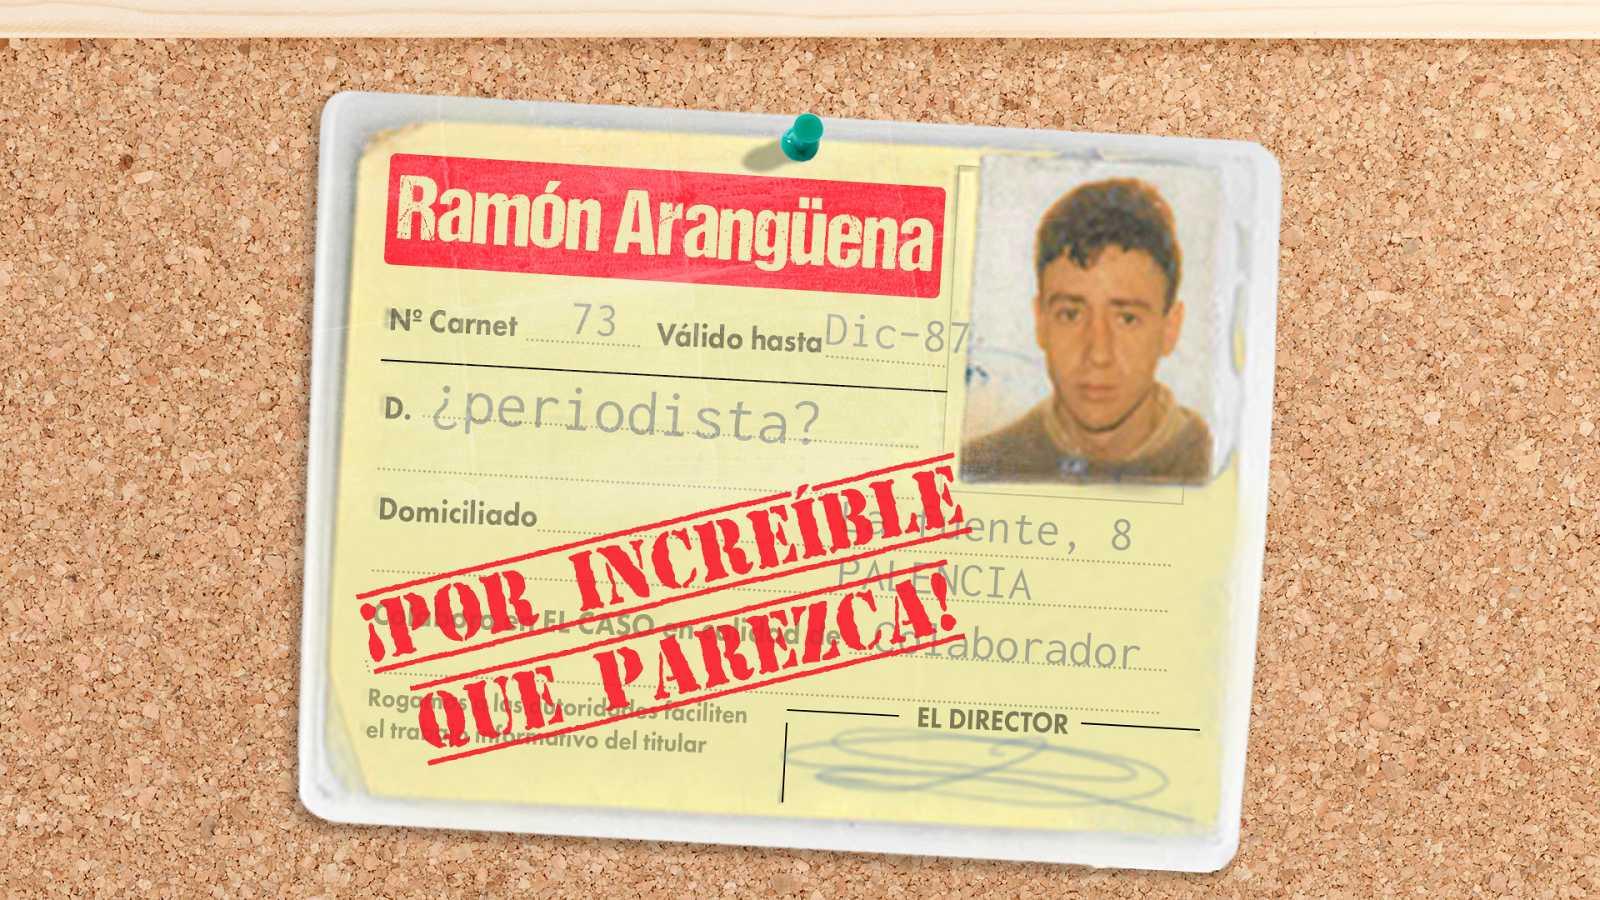 Ramón Arangüena: ¡Por increíble que parezca! - Desde 'El Caso' a 'Lo + Plus', la loca carrera periodística del palentino - Escuchar audios